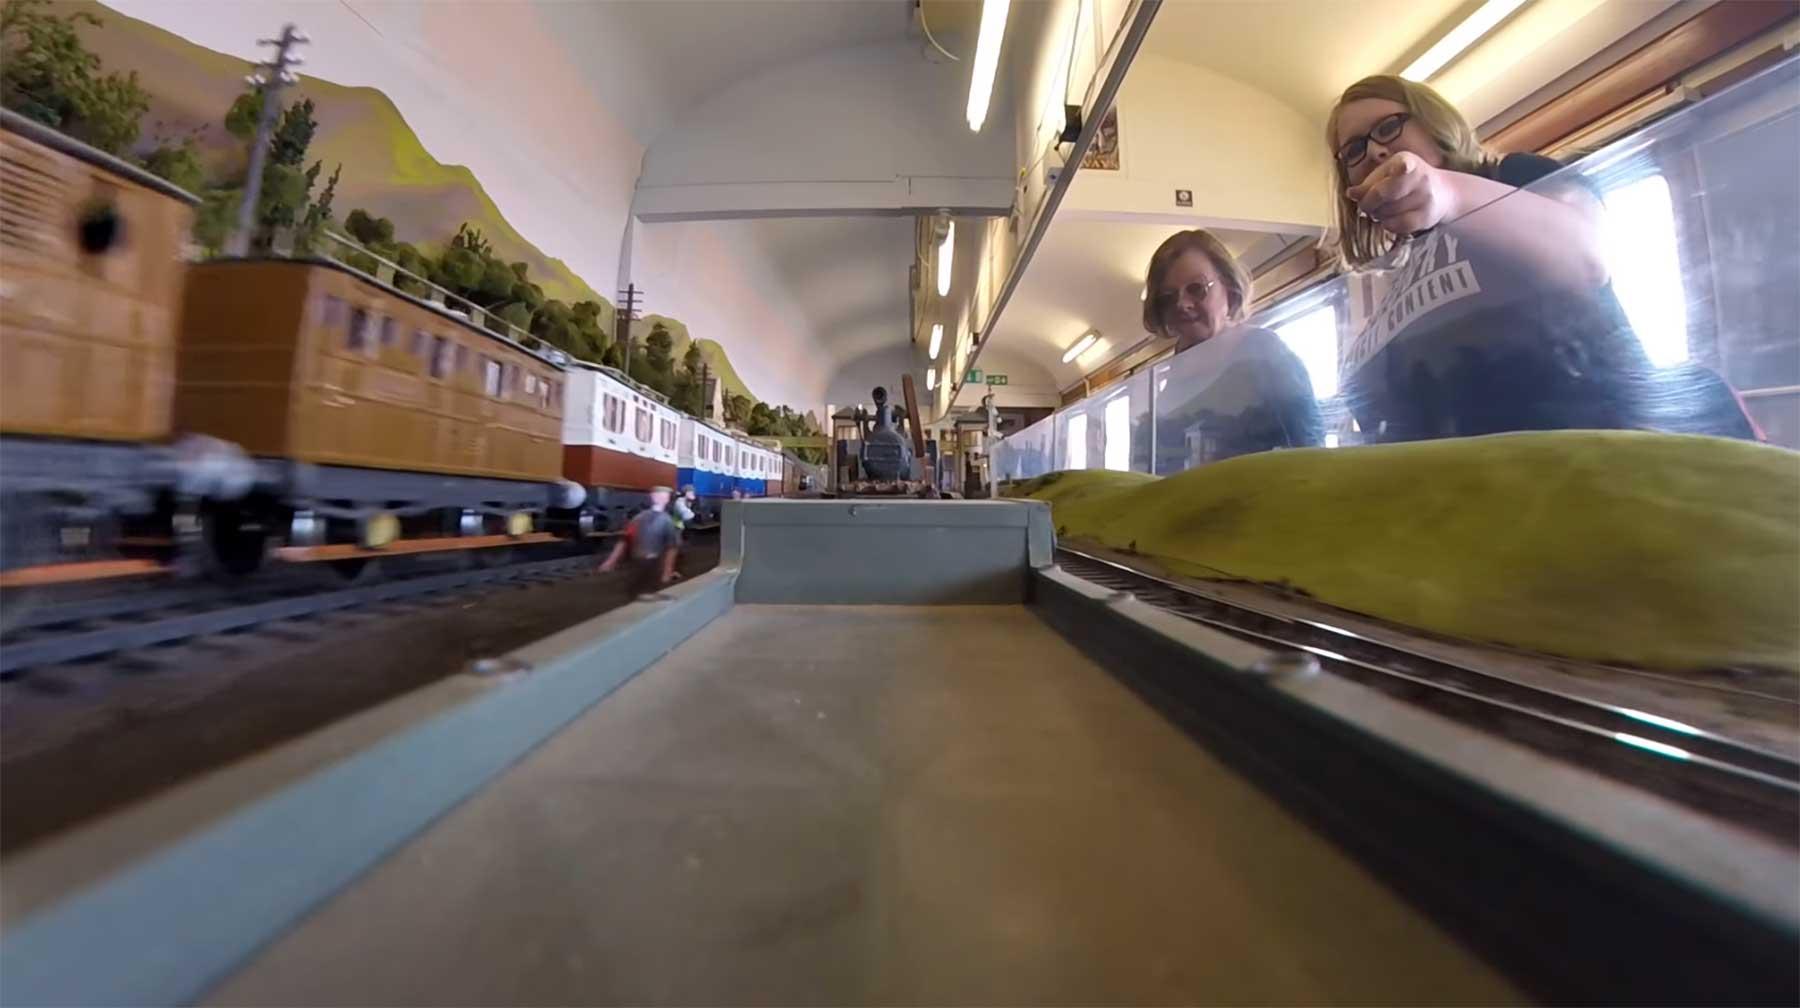 Eine POV-Rundfahrt durch eine Modelleisenbahnlandschaft